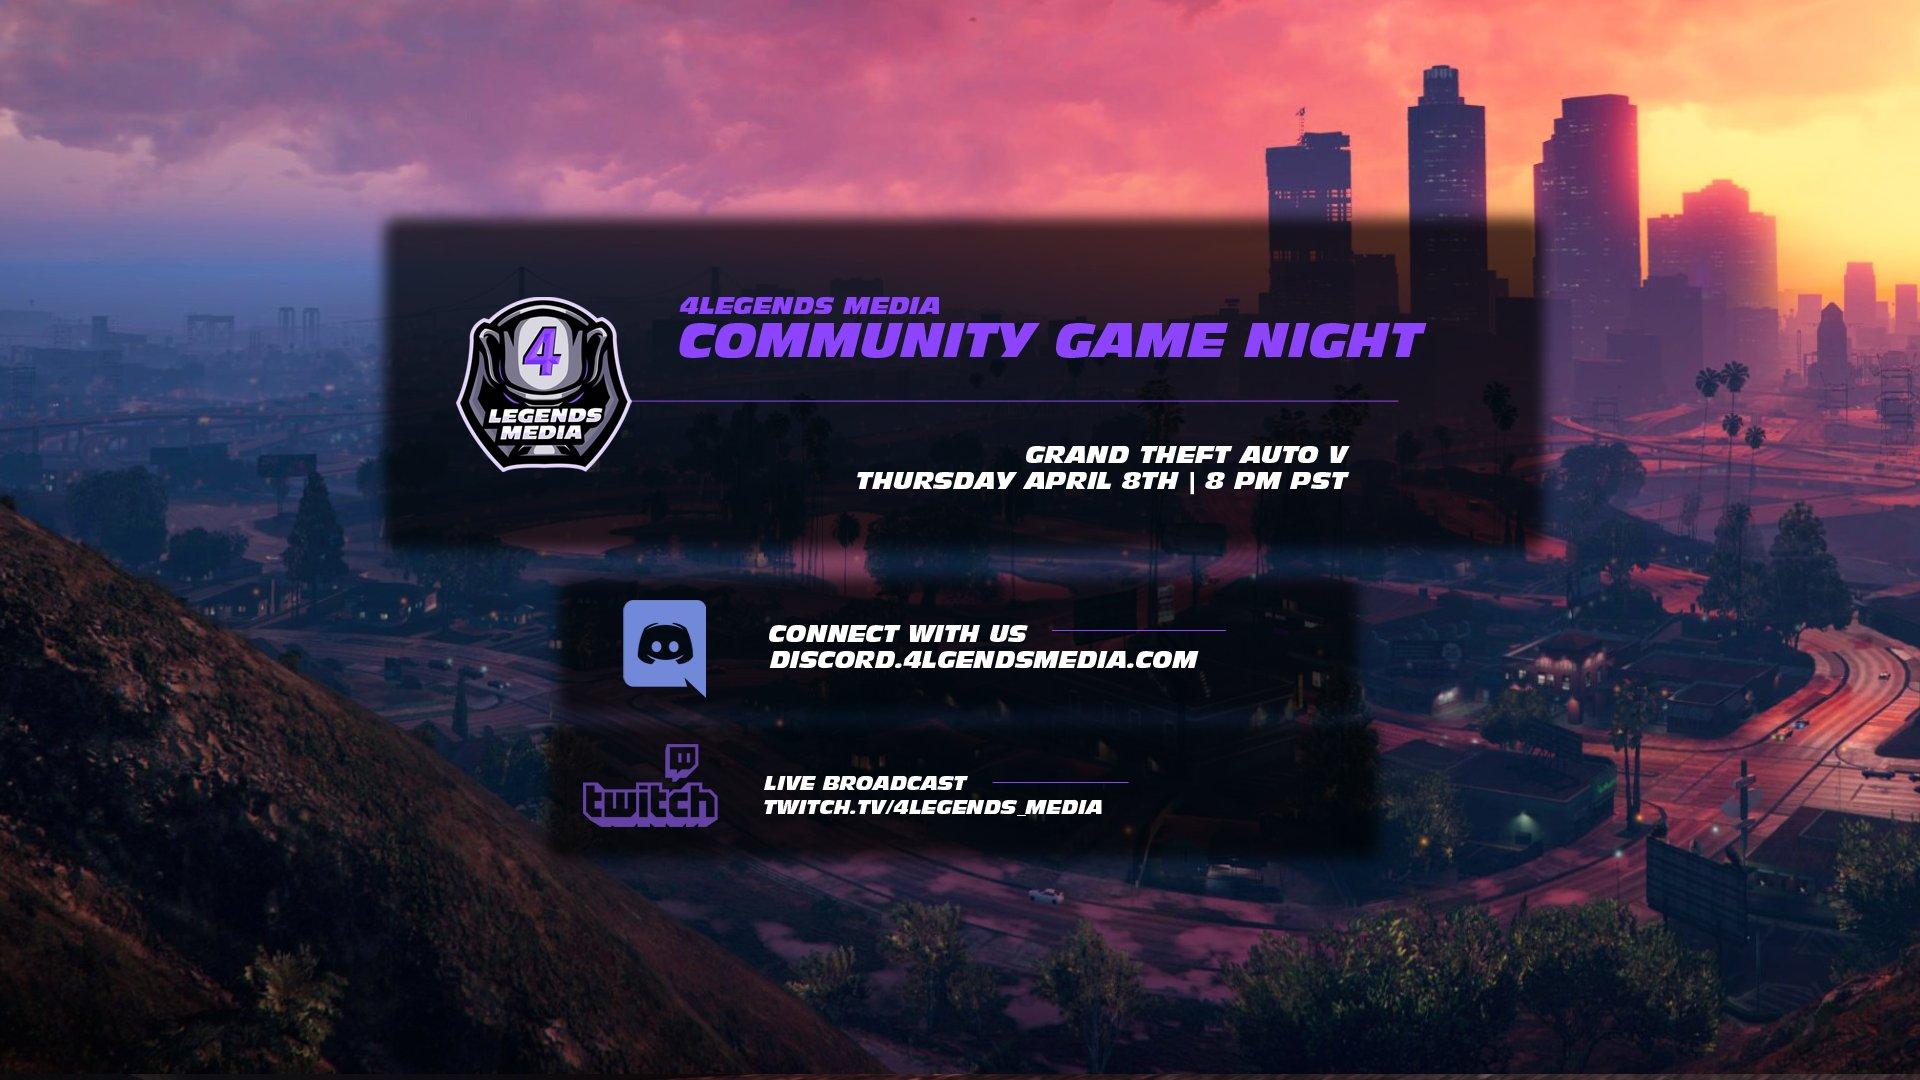 4LM GTA V Community Game Night